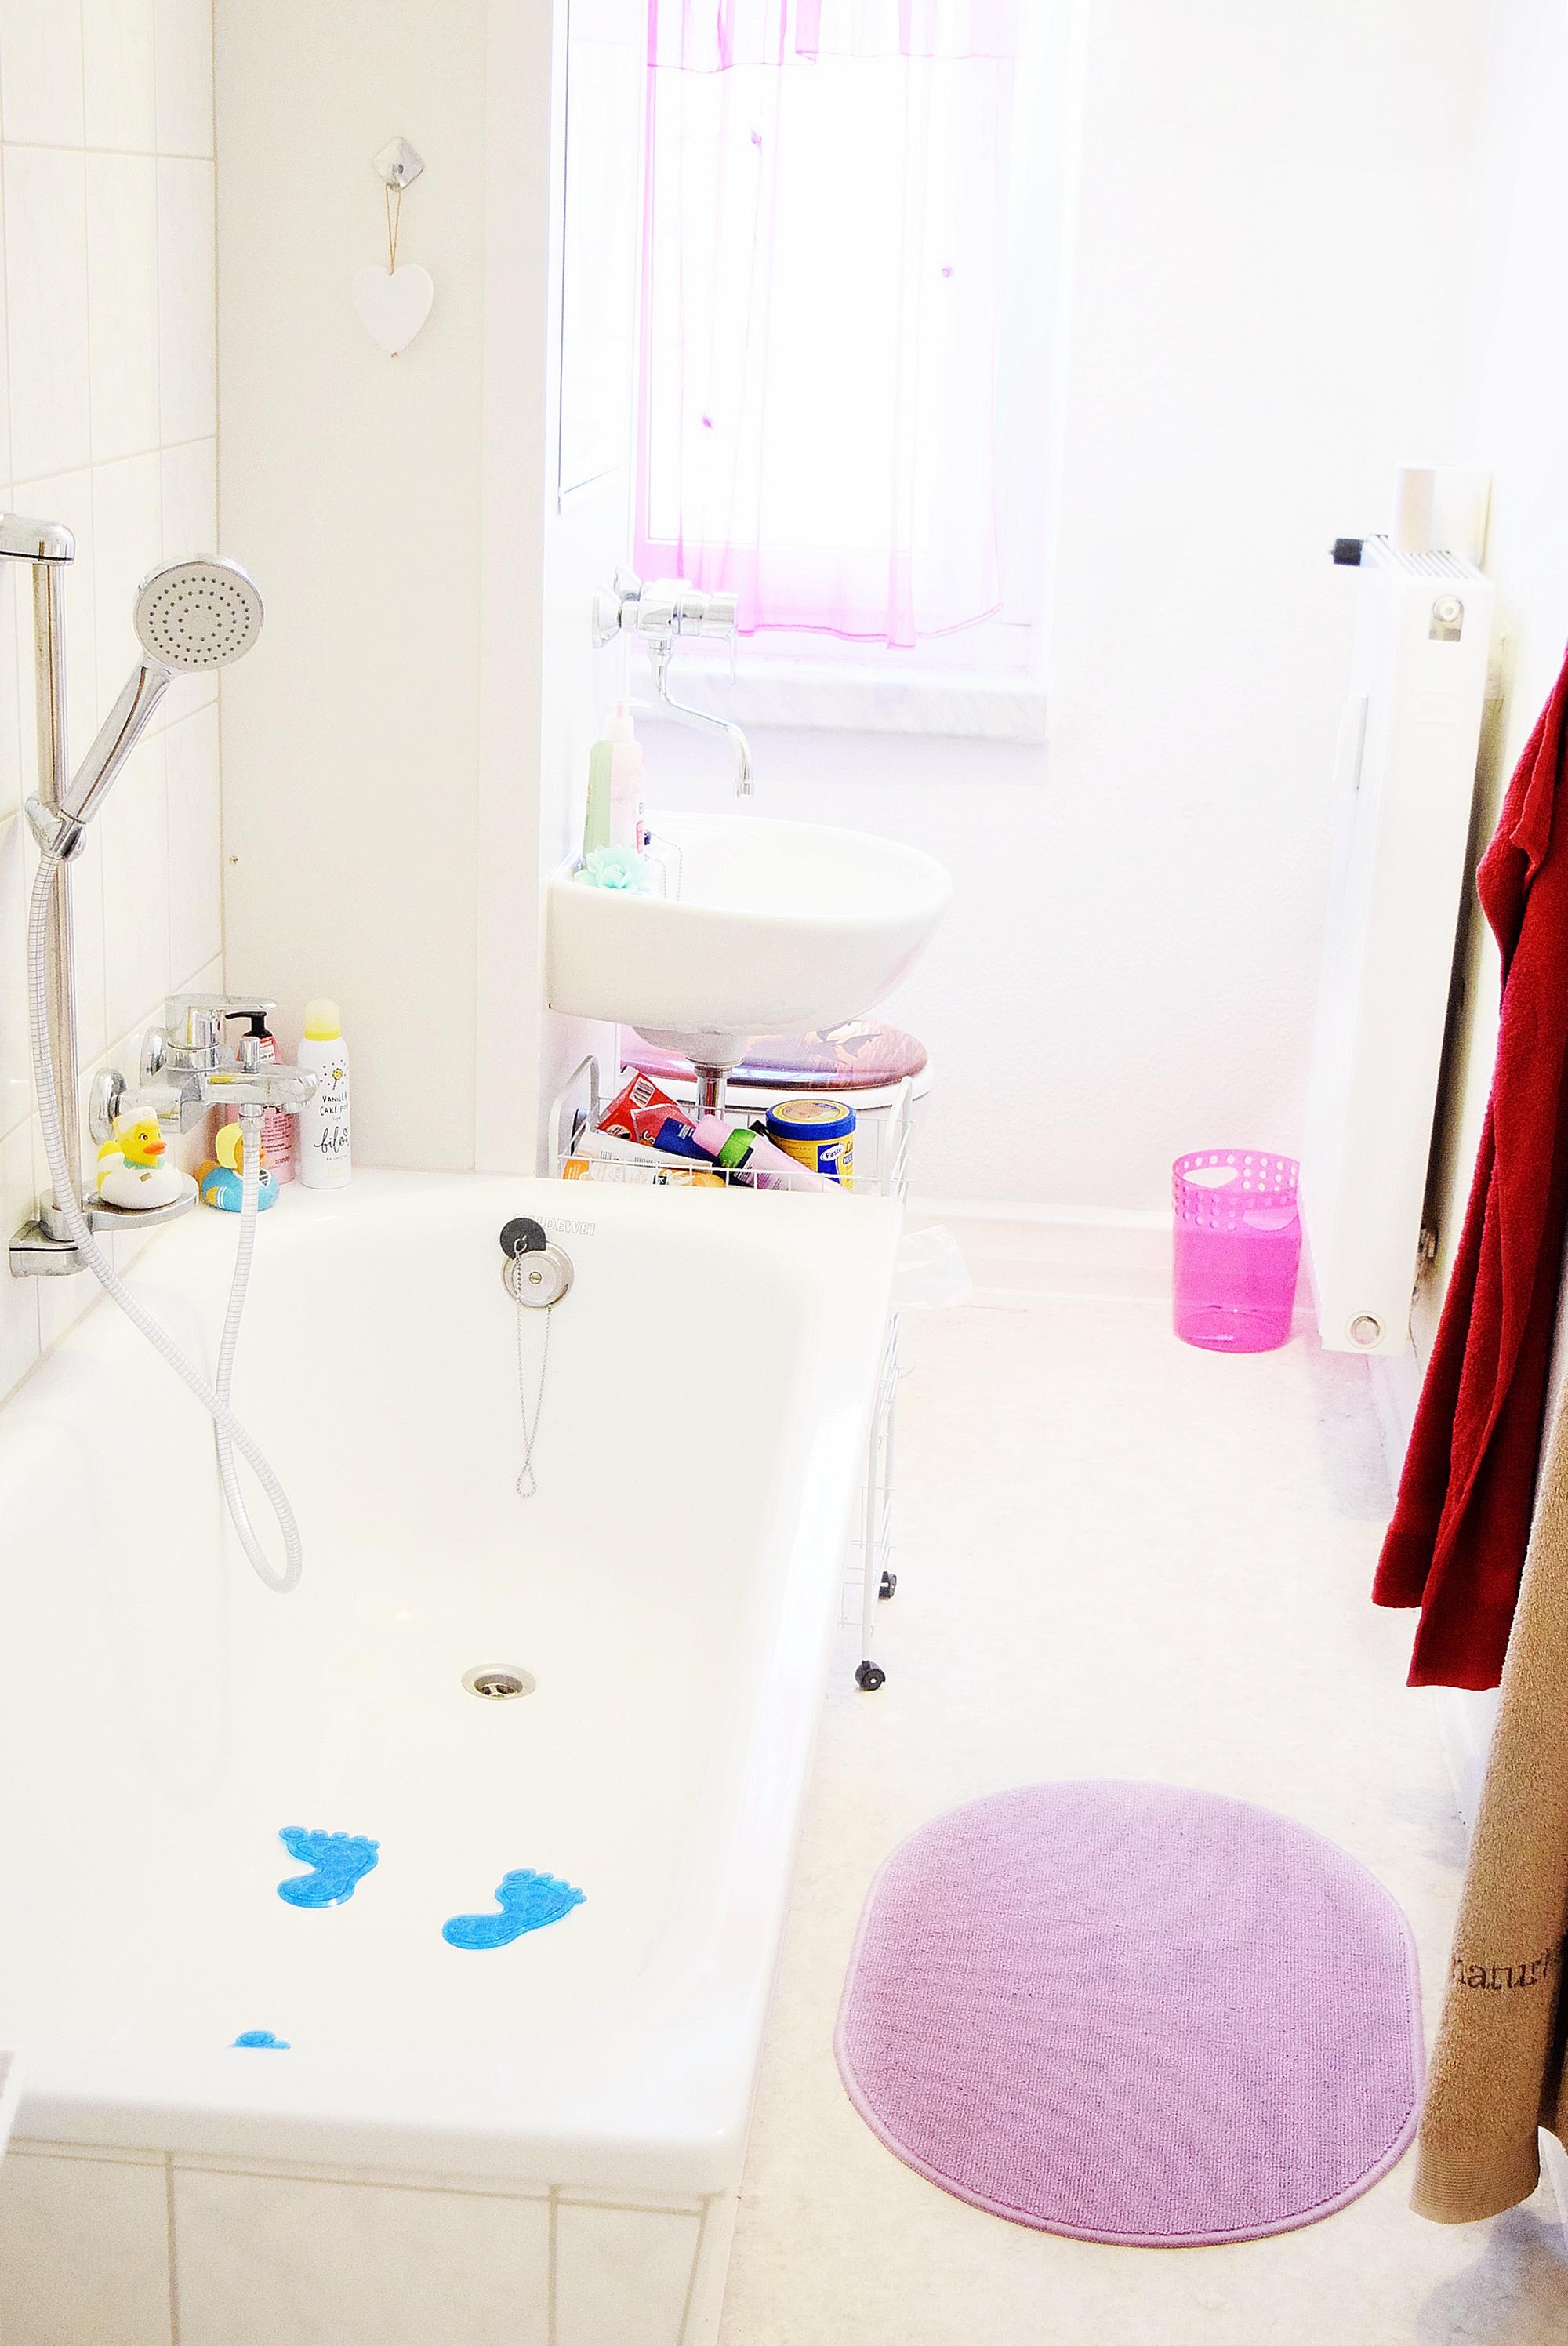 roomtour durch mein badezimmer calistas traum. Black Bedroom Furniture Sets. Home Design Ideas